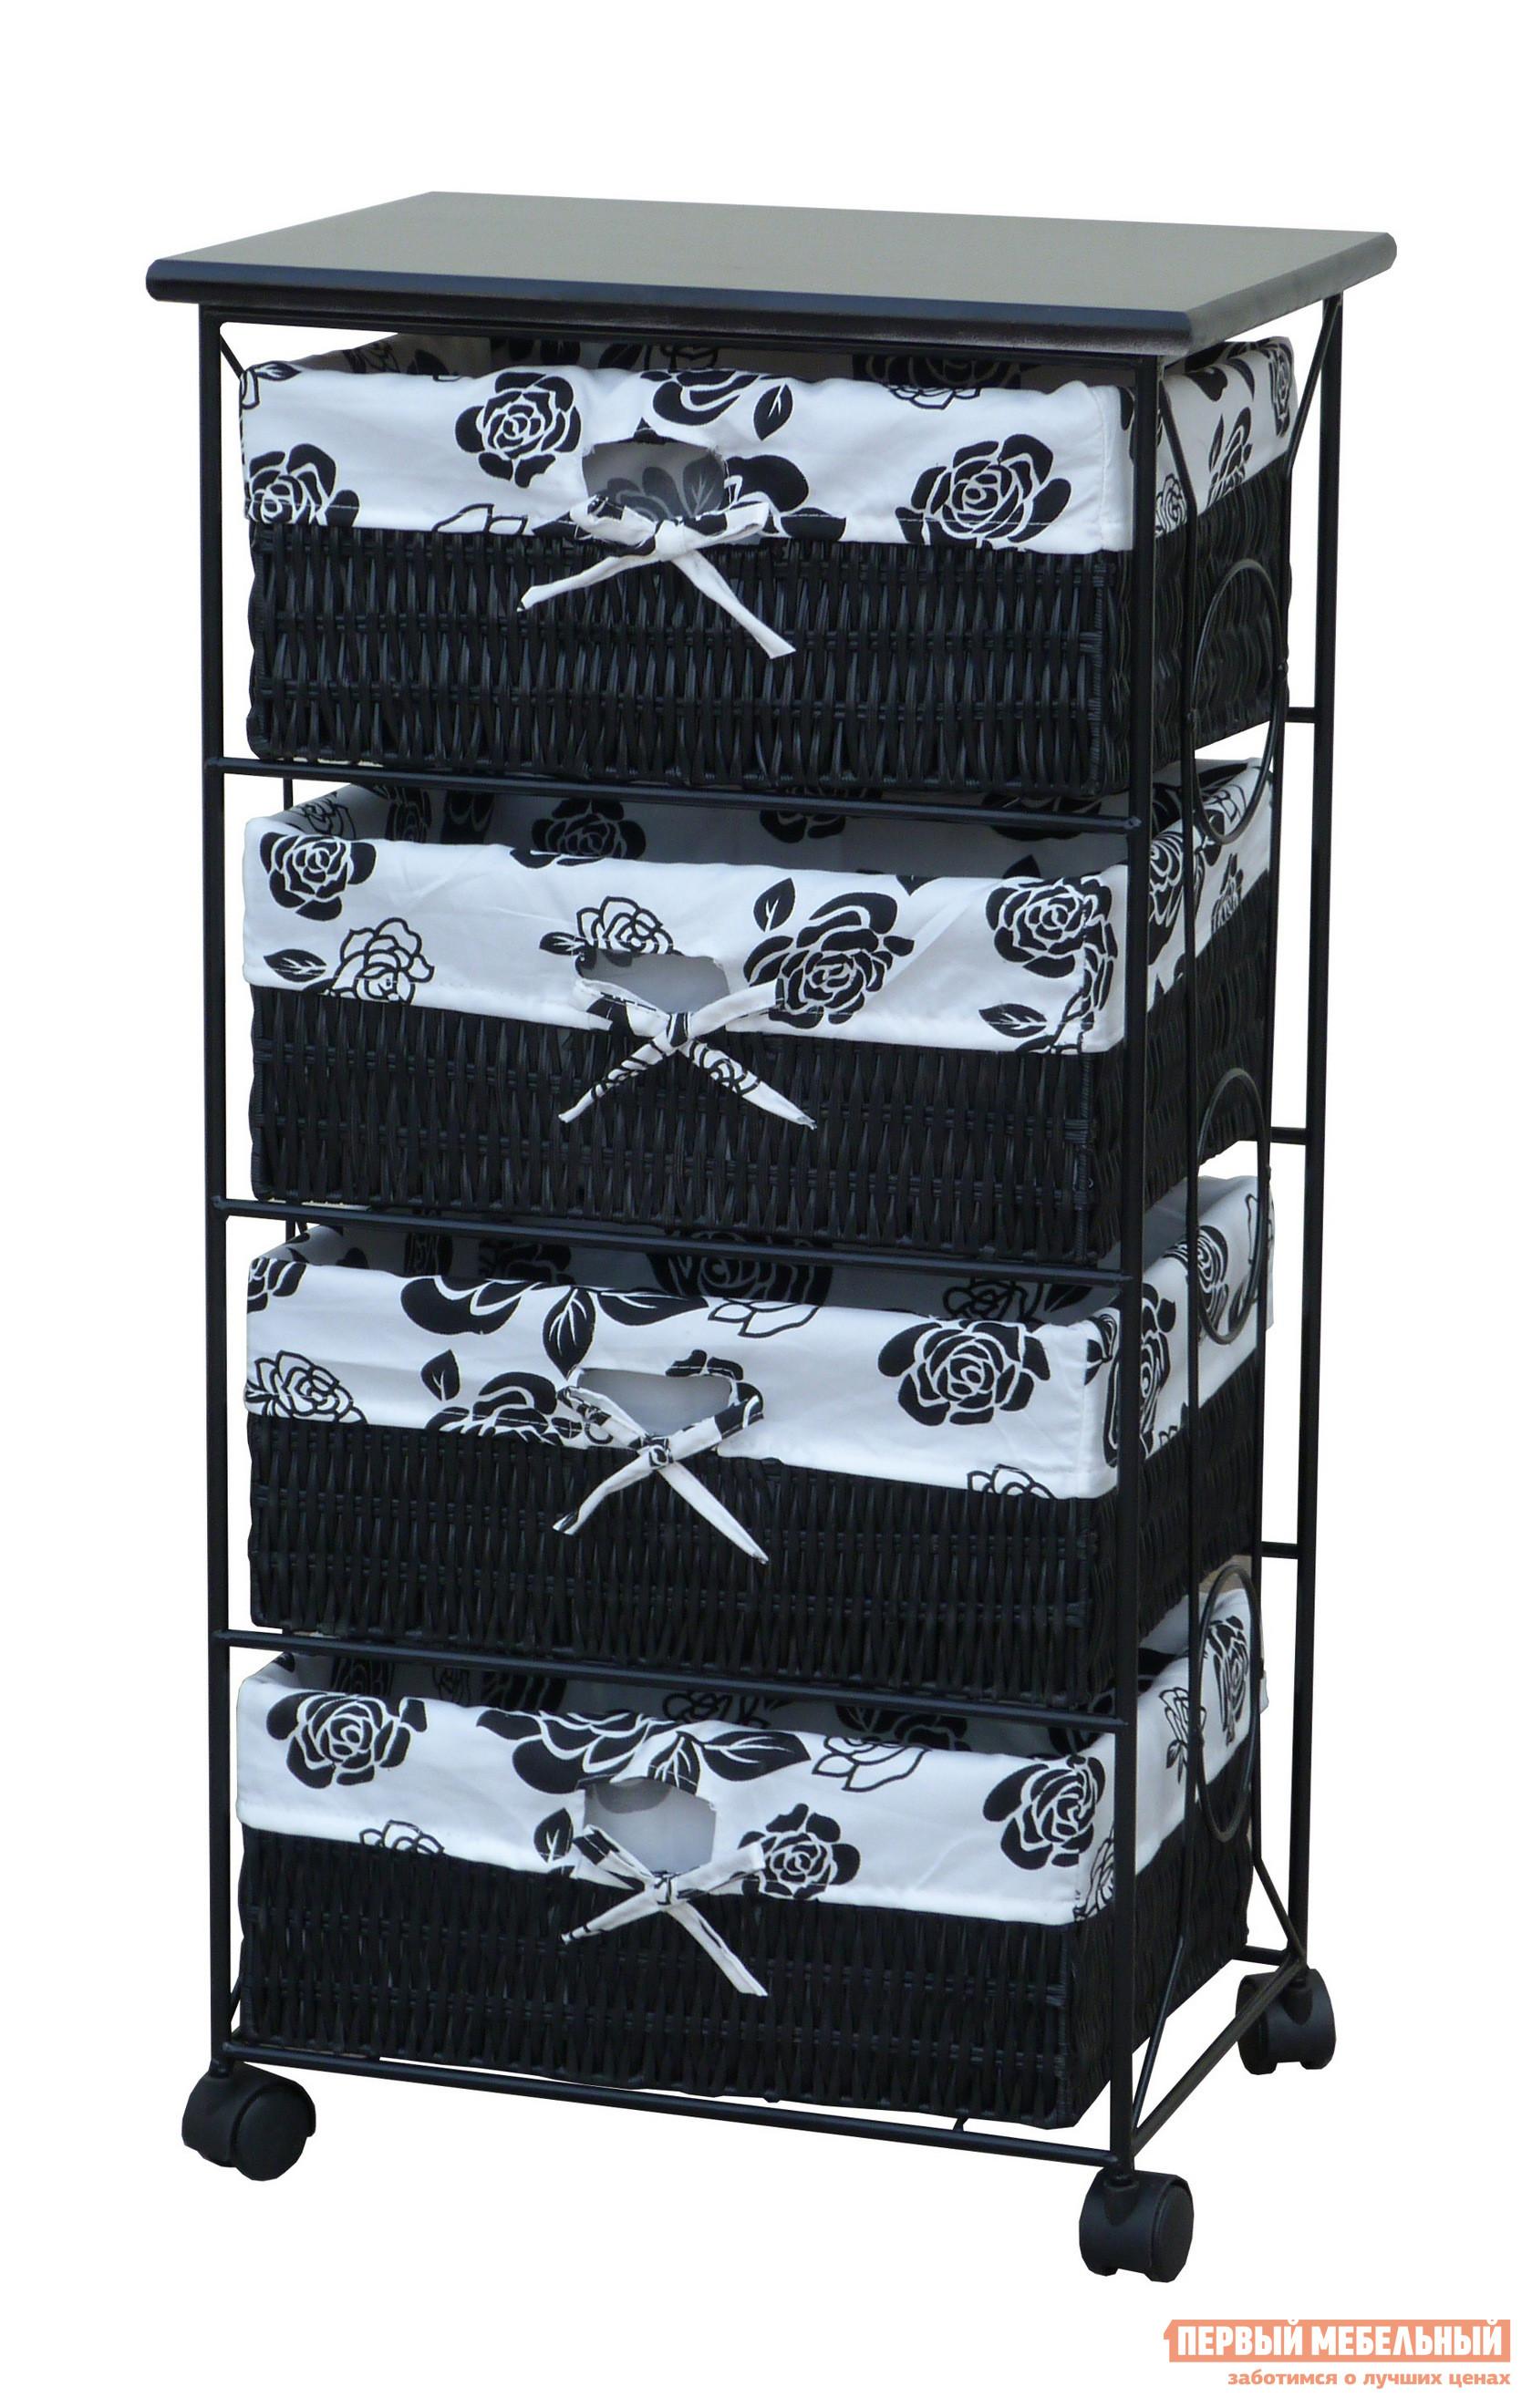 Этажерка Ariva ARIVA-490 (48820) Black and WhiteЭтажерки<br>Габаритные размеры ВхШхГ 795x430x320 мм. Высокий мобильный стеллаж — удобный элемент хранения в прихожей, в спальне, в гардеробной или в ванной комнате.  Модель имеет четыре съемные корзины с тканевыми чехлами.  На столешнице удобно держать под рукой необходимые вещи.  Стеллаж оборудован колесиками с фиксаторами для удобного перемещения по комнате. Корзины выполняются из искусственного ротанга, чехлы — ткань (80% хлопок, 20% полиэстер).  Металлический каркас окрашен и покрыт лаком.  Столешница изготавливается из массива павловнии. Изделие поставляется в собранном виде.<br><br>Цвет: Black and White<br>Цвет: Белый<br>Цвет: Черный<br>Высота мм: 795<br>Ширина мм: 430<br>Глубина мм: 320<br>Кол-во упаковок: None<br>Форма поставки: В собранном виде<br>Тип: Прямые, Плетеная<br>Материал: Деревянные, из натурального дерева<br>Порода дерева: из павловнии<br>Размер: Узкие<br>Особенности: Дешевые